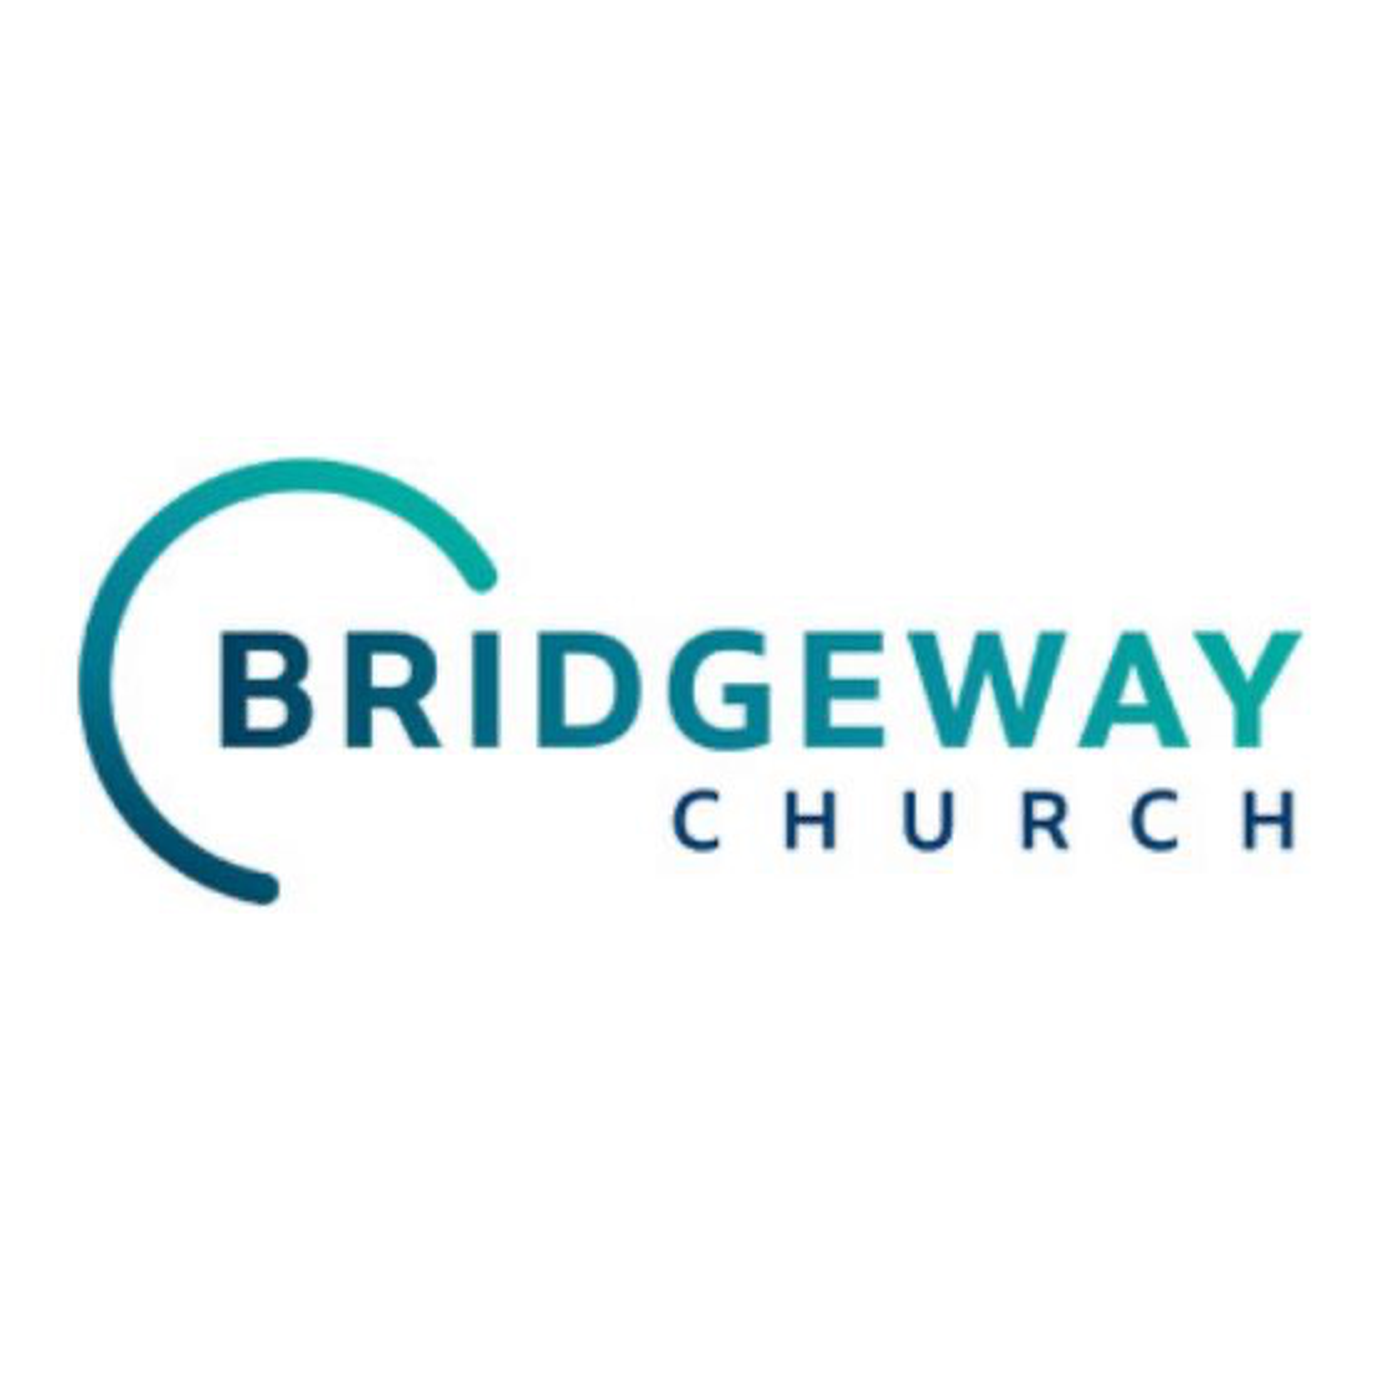 Bridgeway Church